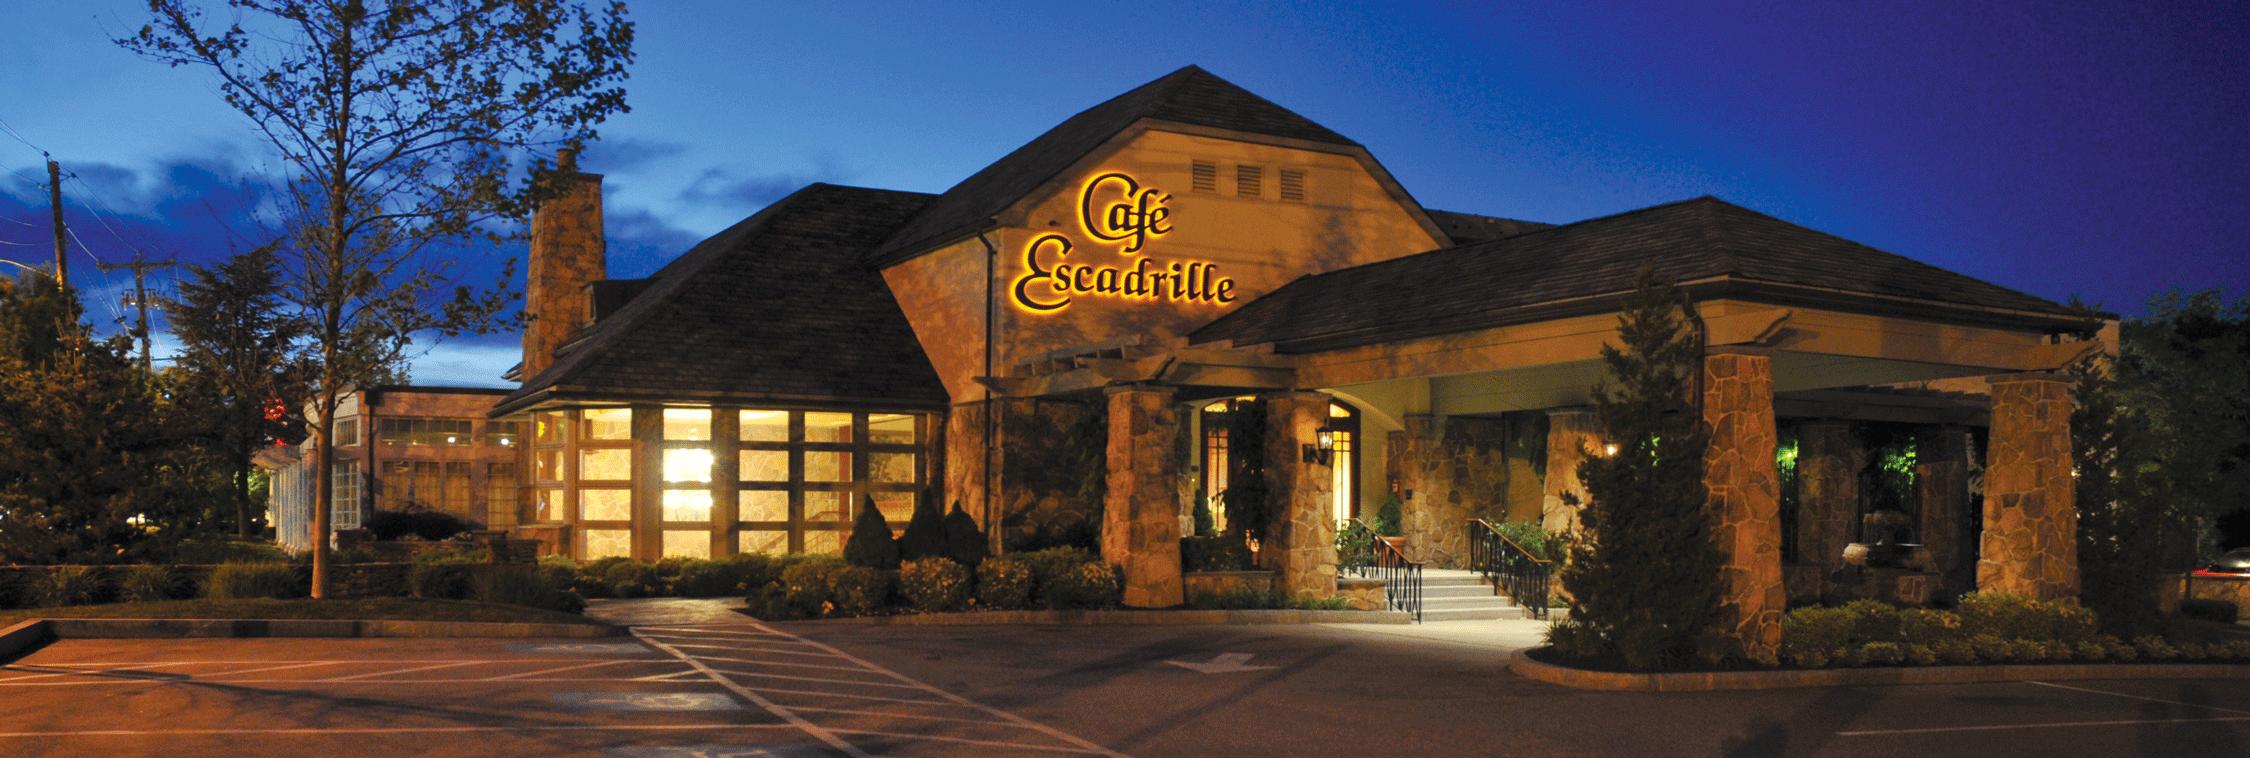 Cafe Escadrille logo